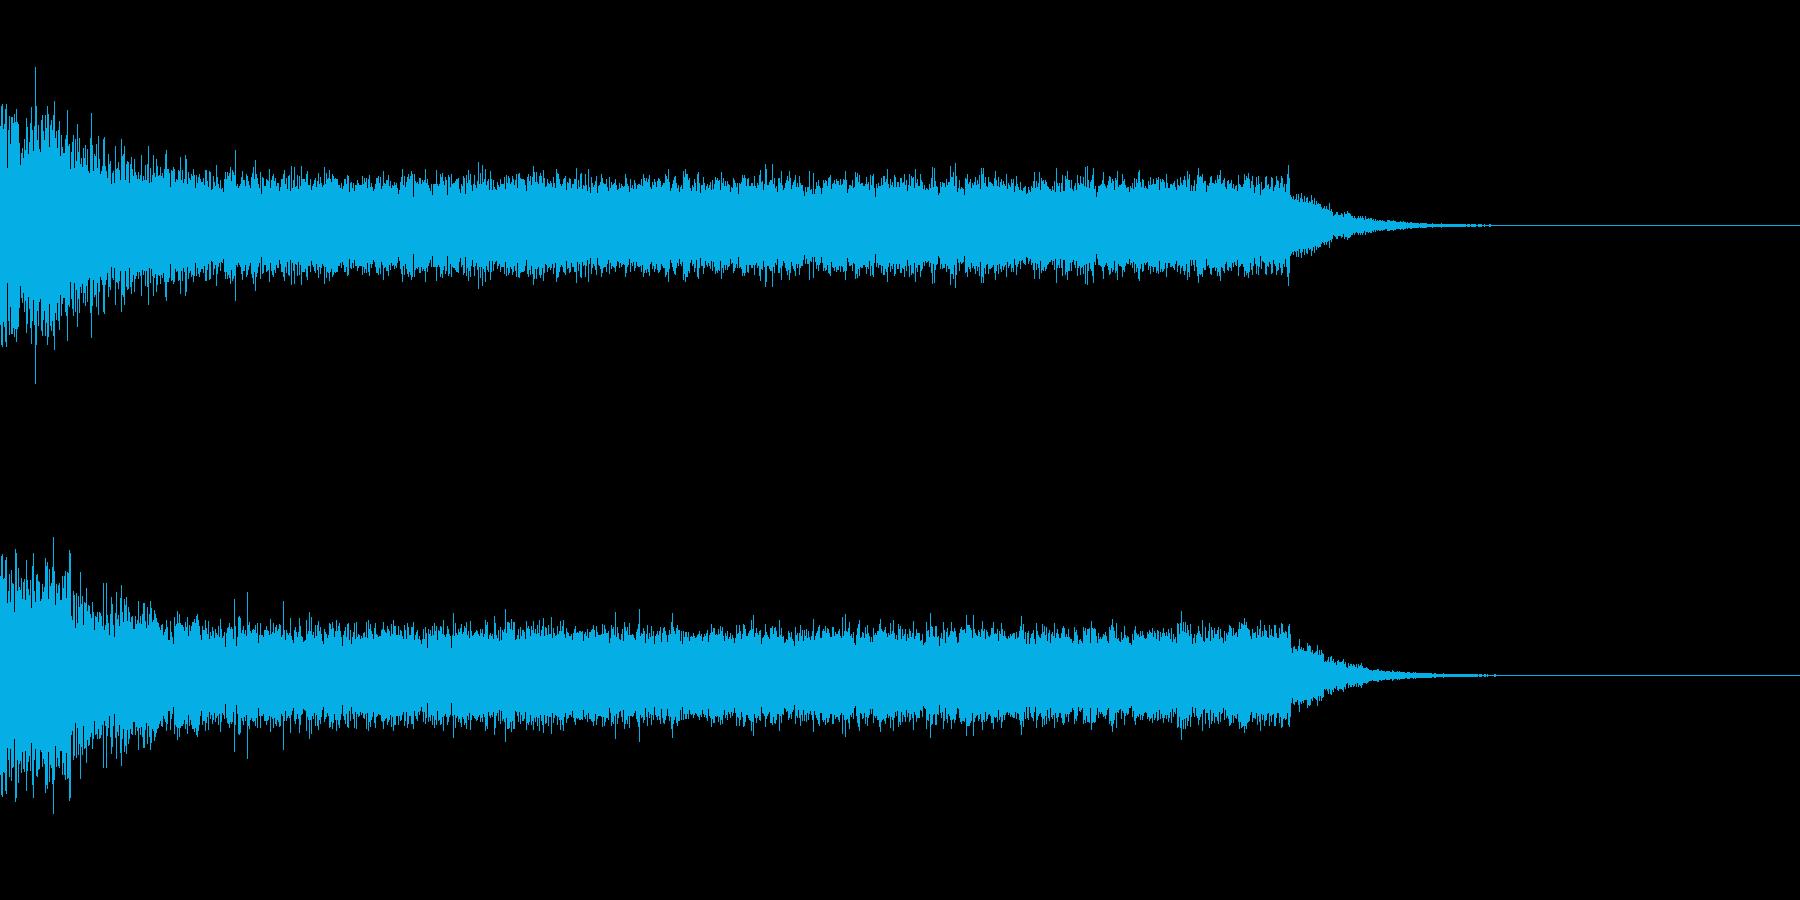 戦闘機が発進する時の音の再生済みの波形